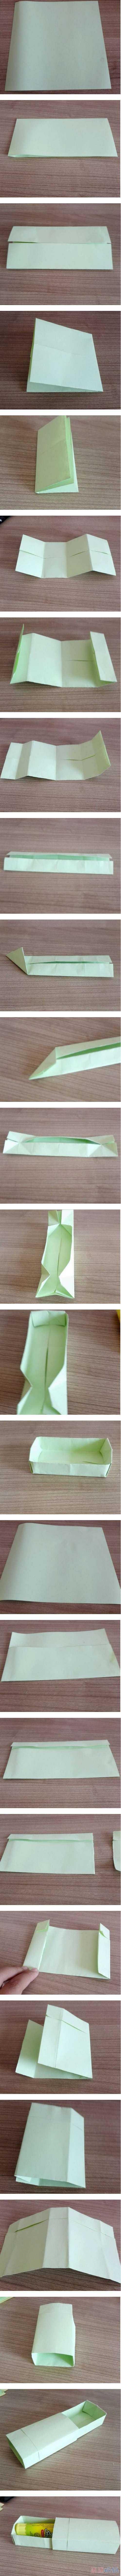 怎么手工做火柴盒折纸方法教程图解简单 怎么做火柴盒